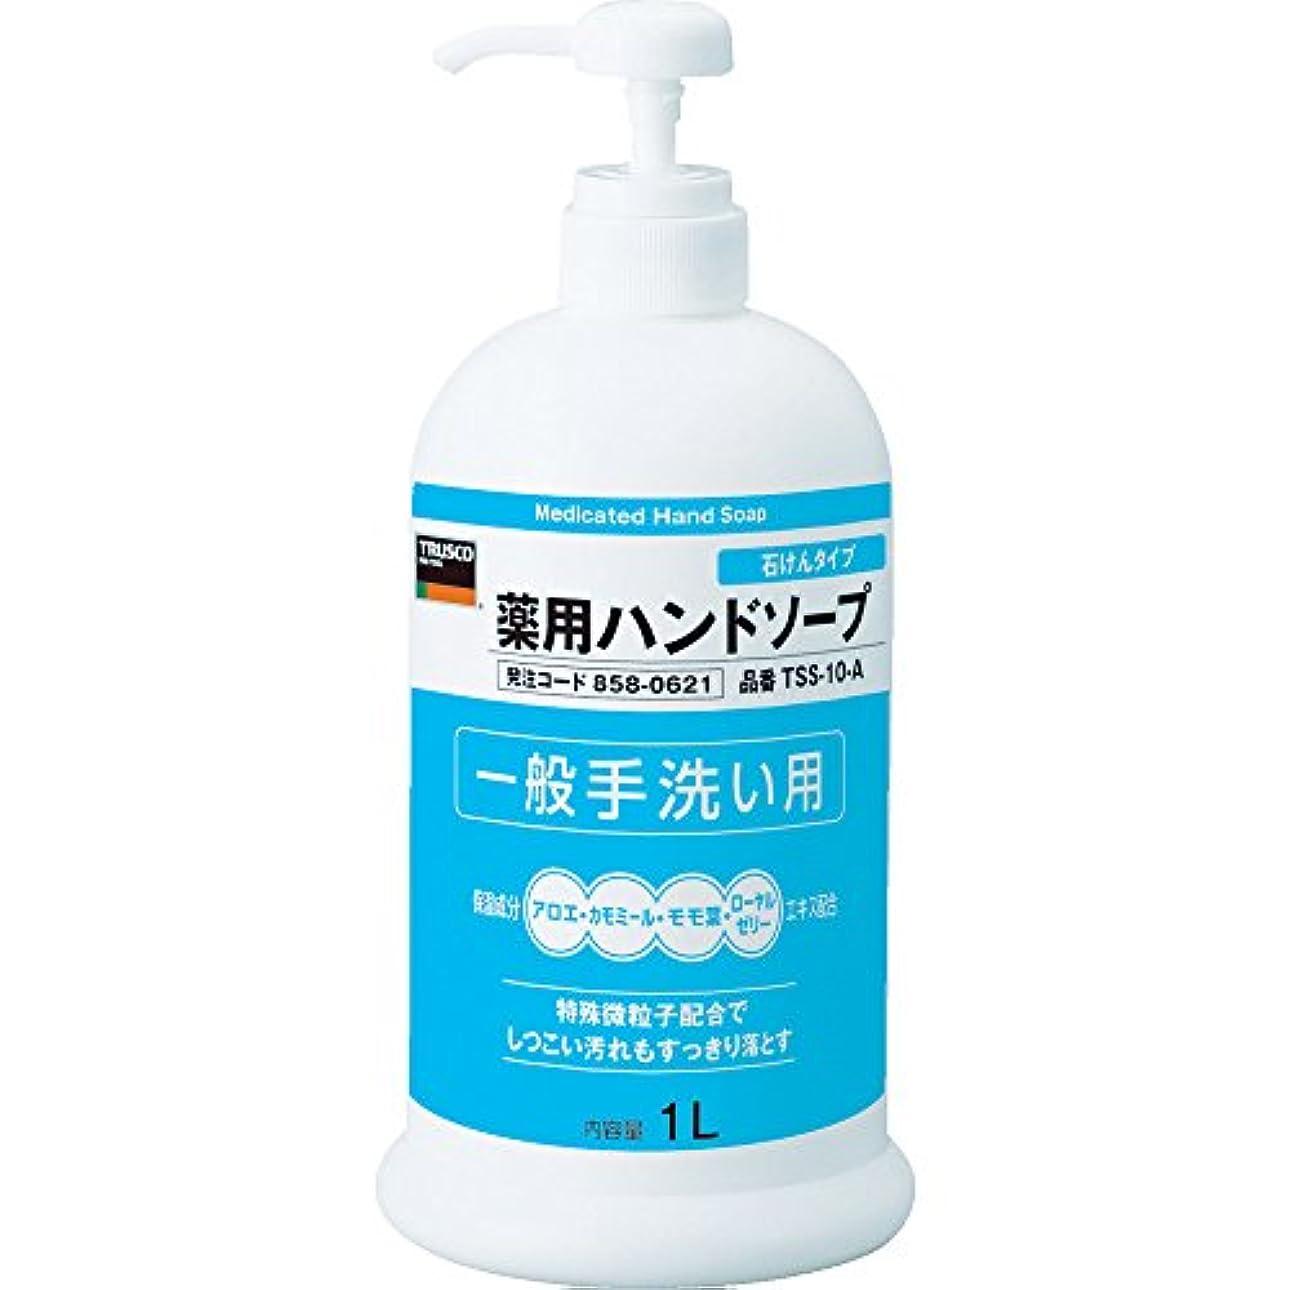 凍結露ラボTRUSCO(トラスコ) 薬用ハンドソープ 石けんタイプ ポンプボトル 1.0L TSS-10-A